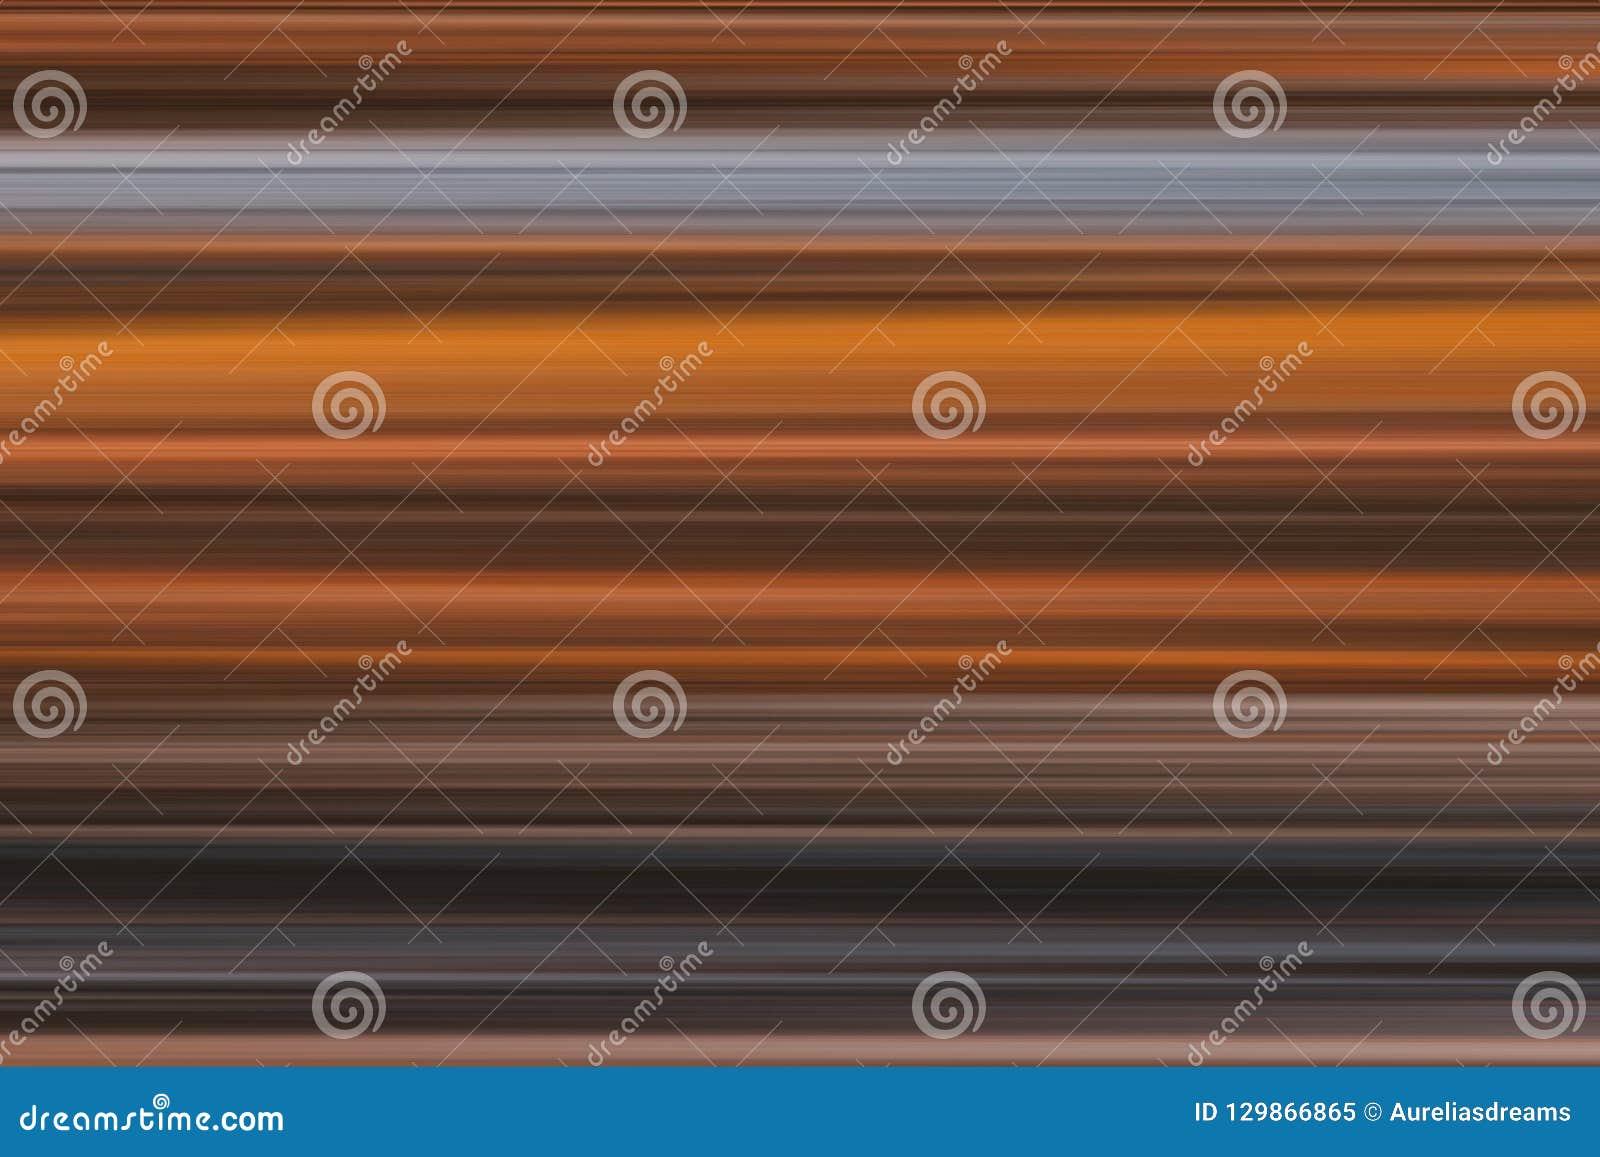 Lineas horizontales brillantes fondo, textura del extracto olorful del ¡de Ð en tonos marrones y grises